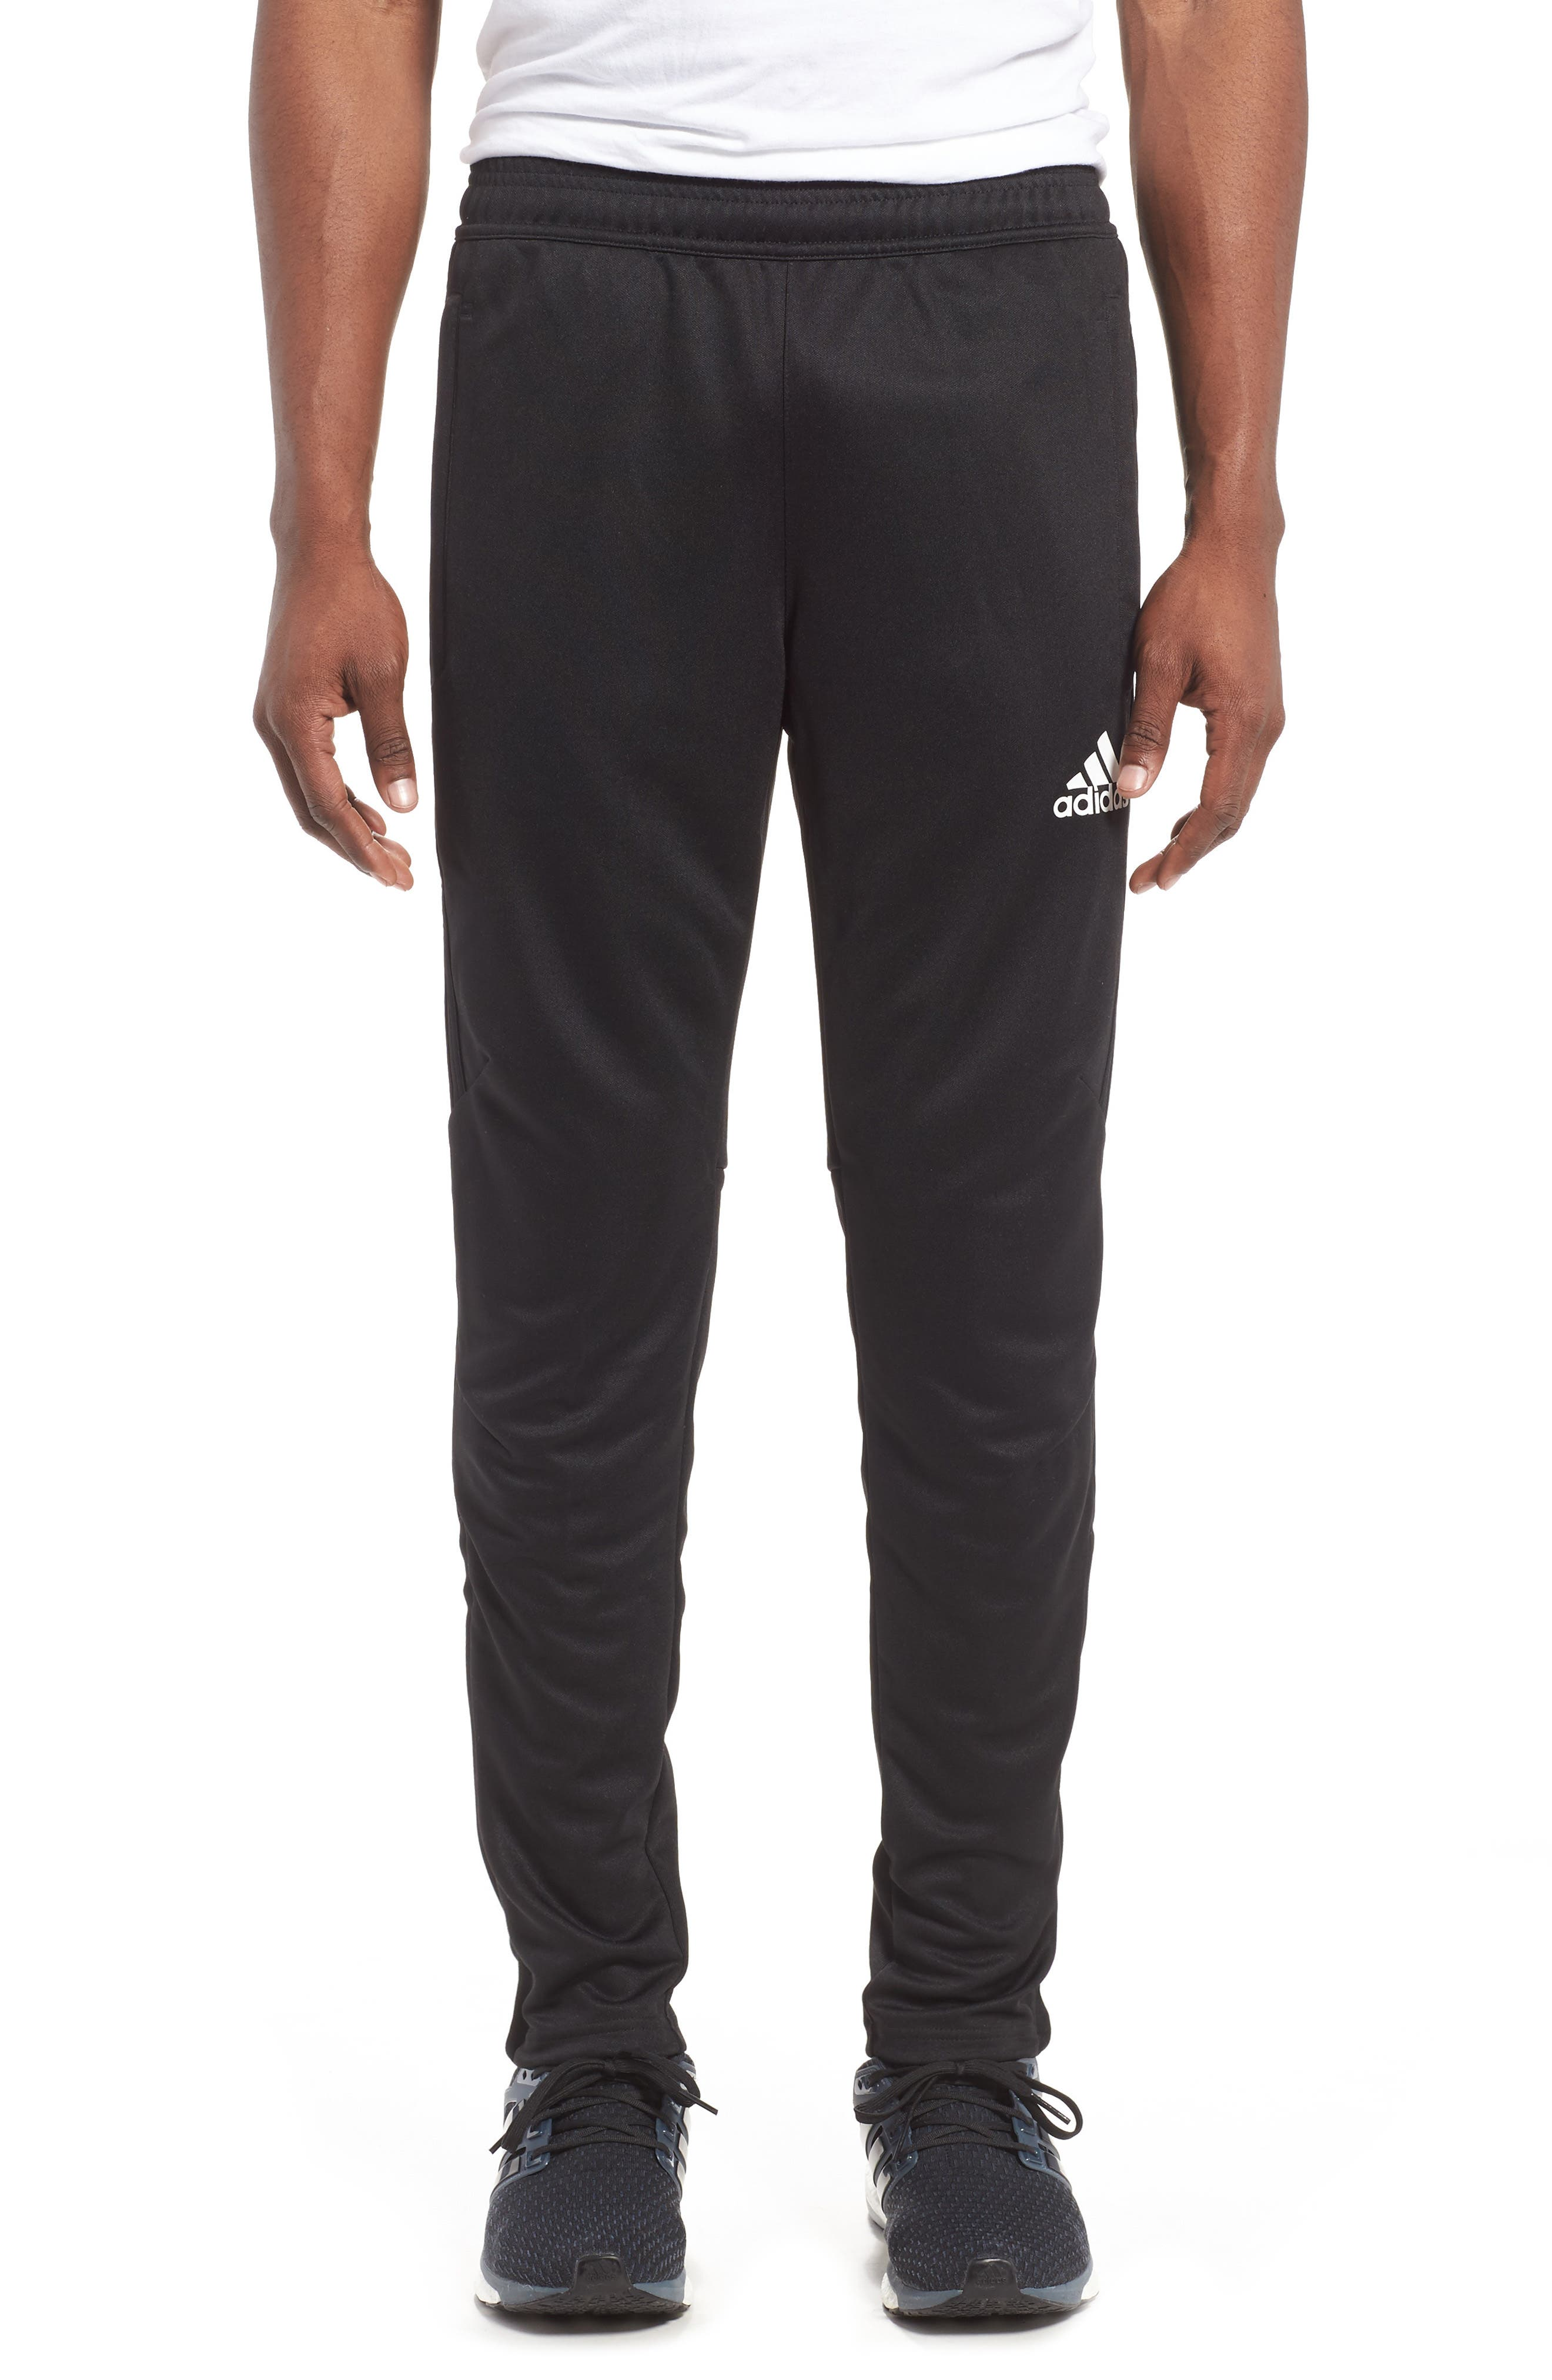 Tiro 17 Training Pants,                         Main,                         color, Black/ White